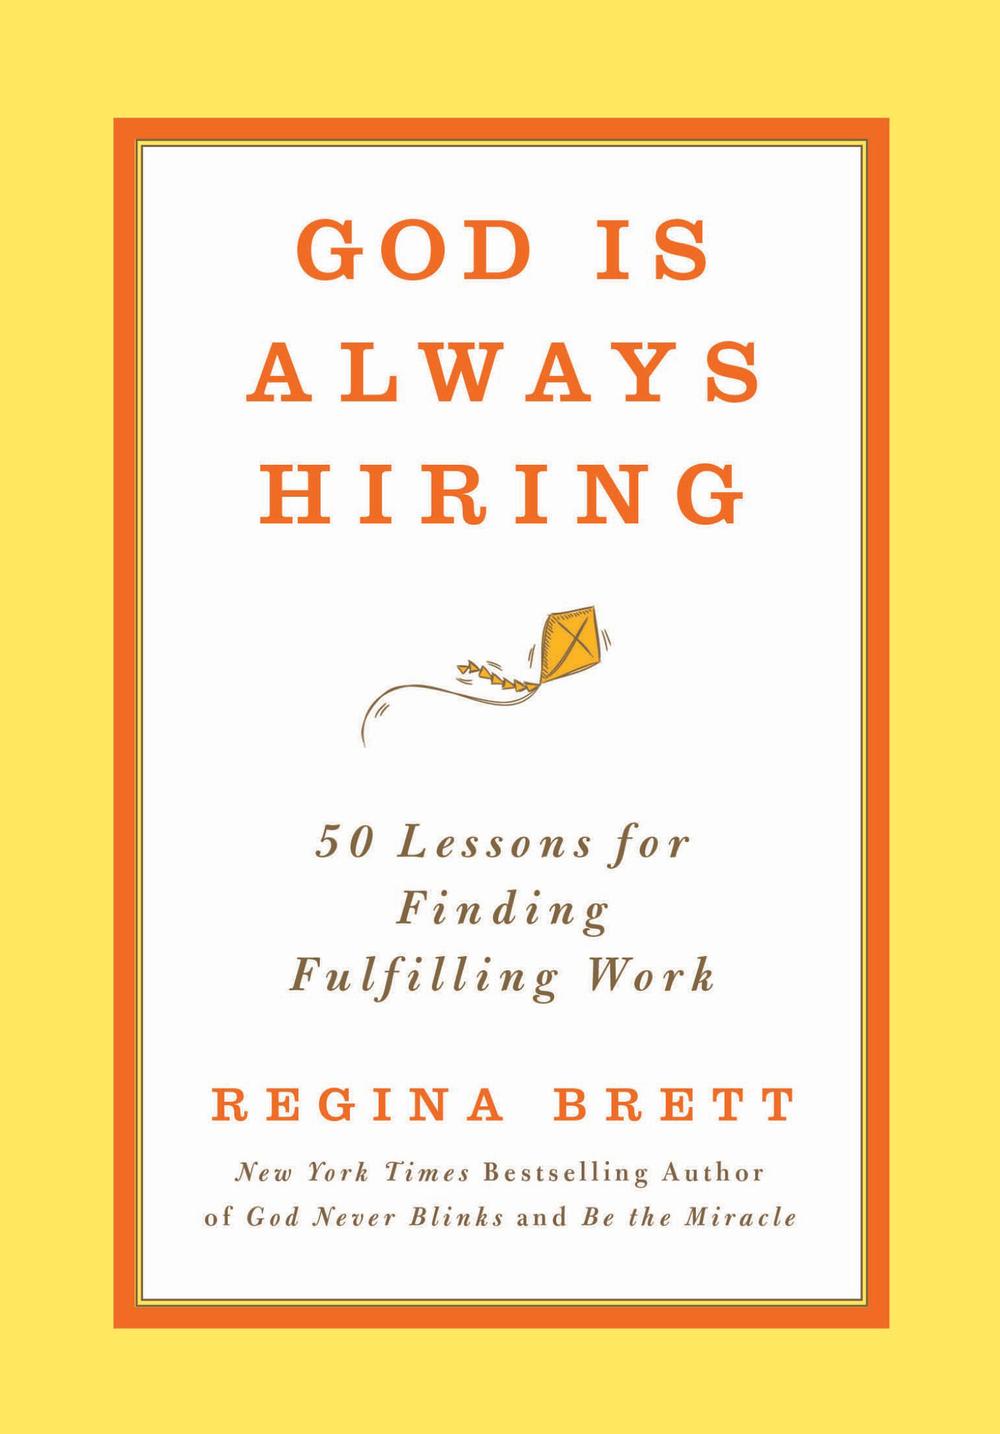 god-is-always-hiring.jpg